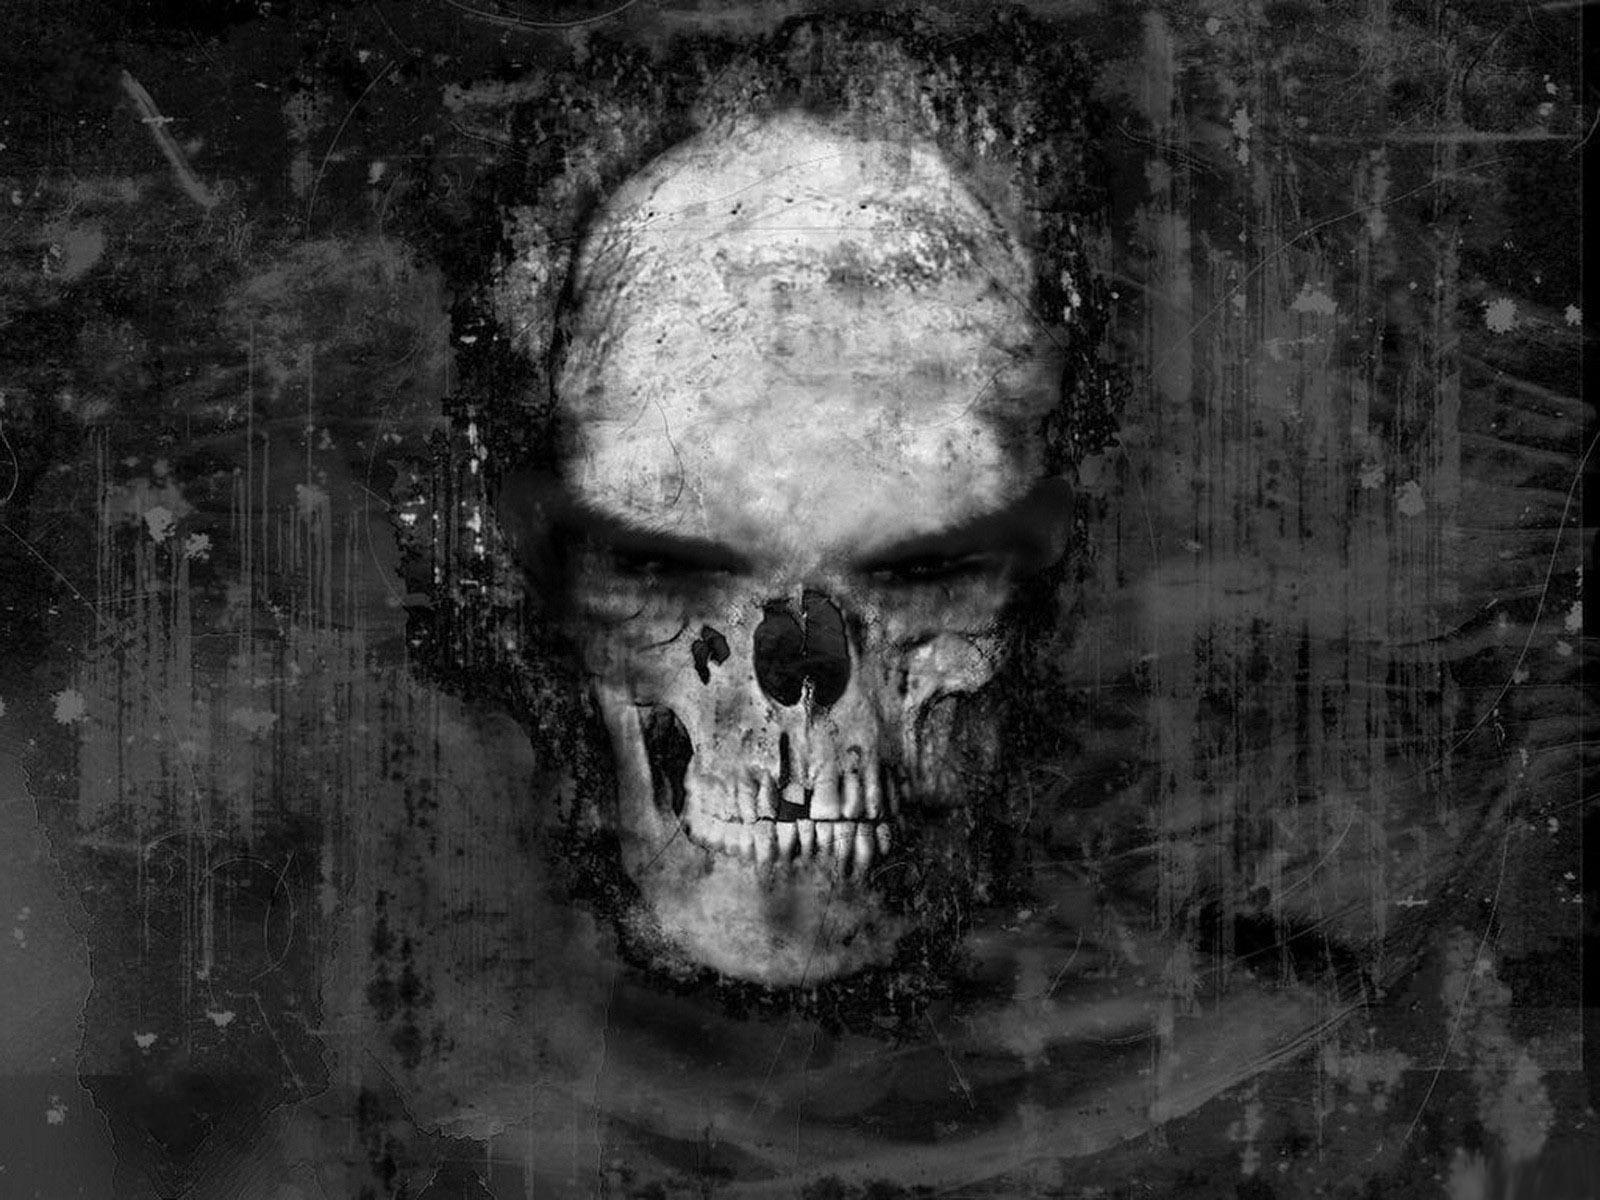 Cool skull hd cool skull wallpapers cool skull wallpapers hd cool skull hd cool skull wallpapers cool skull wallpapers hd nice skull voltagebd Gallery